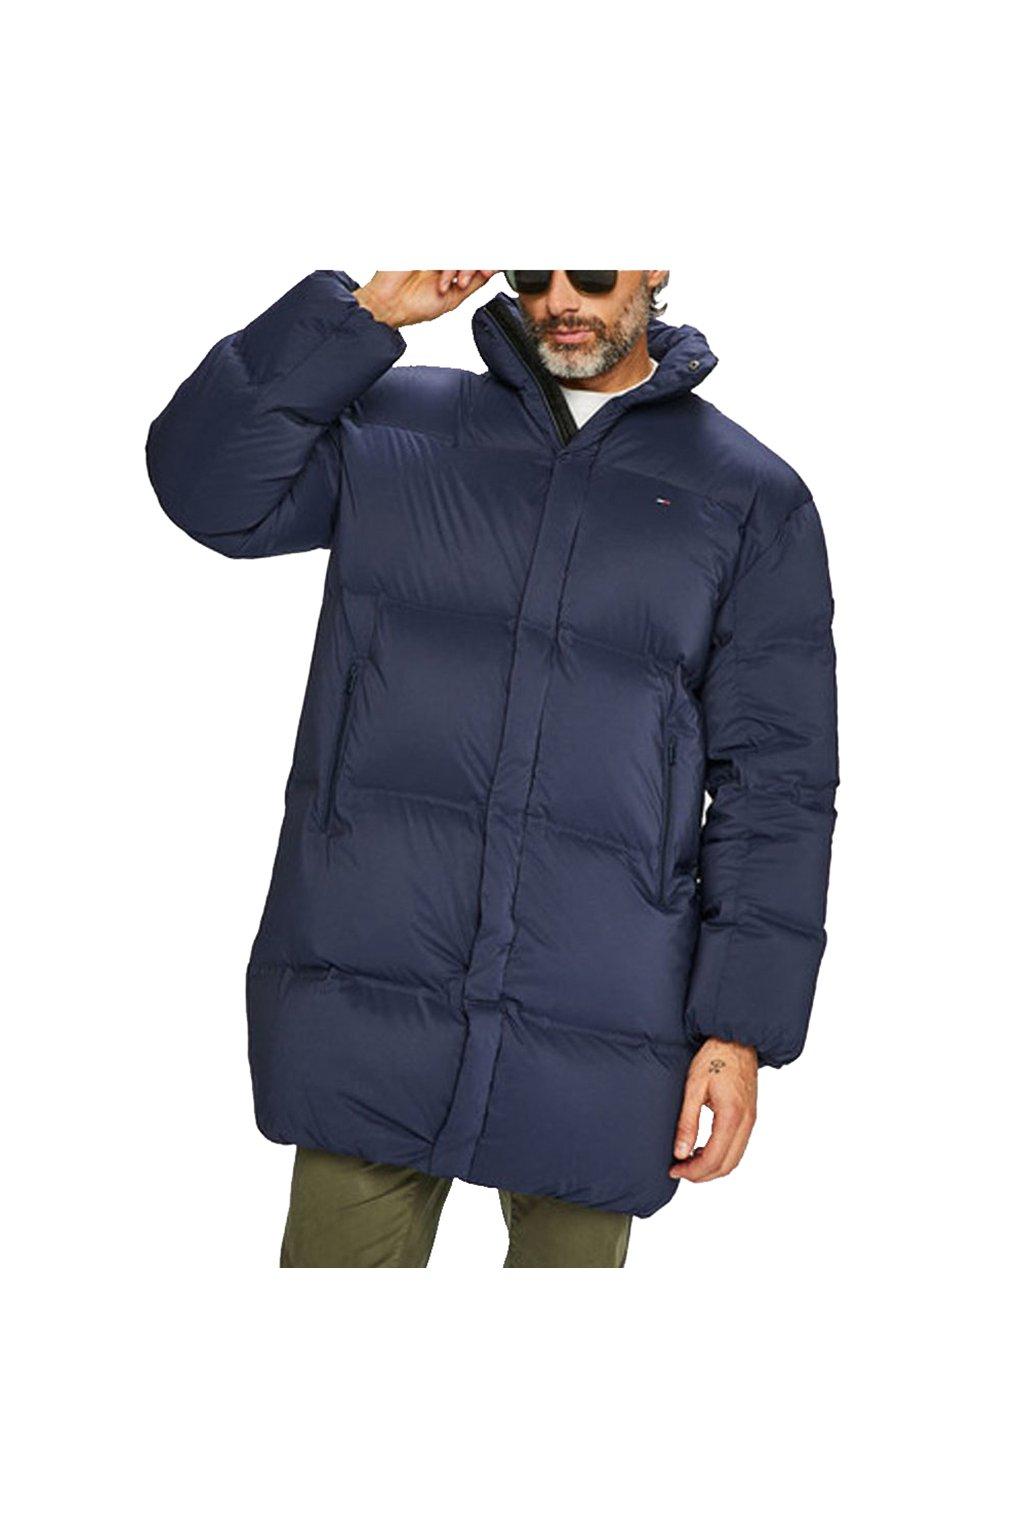 Pánská bunda Tommy Hilfiger DM0DM05033/002